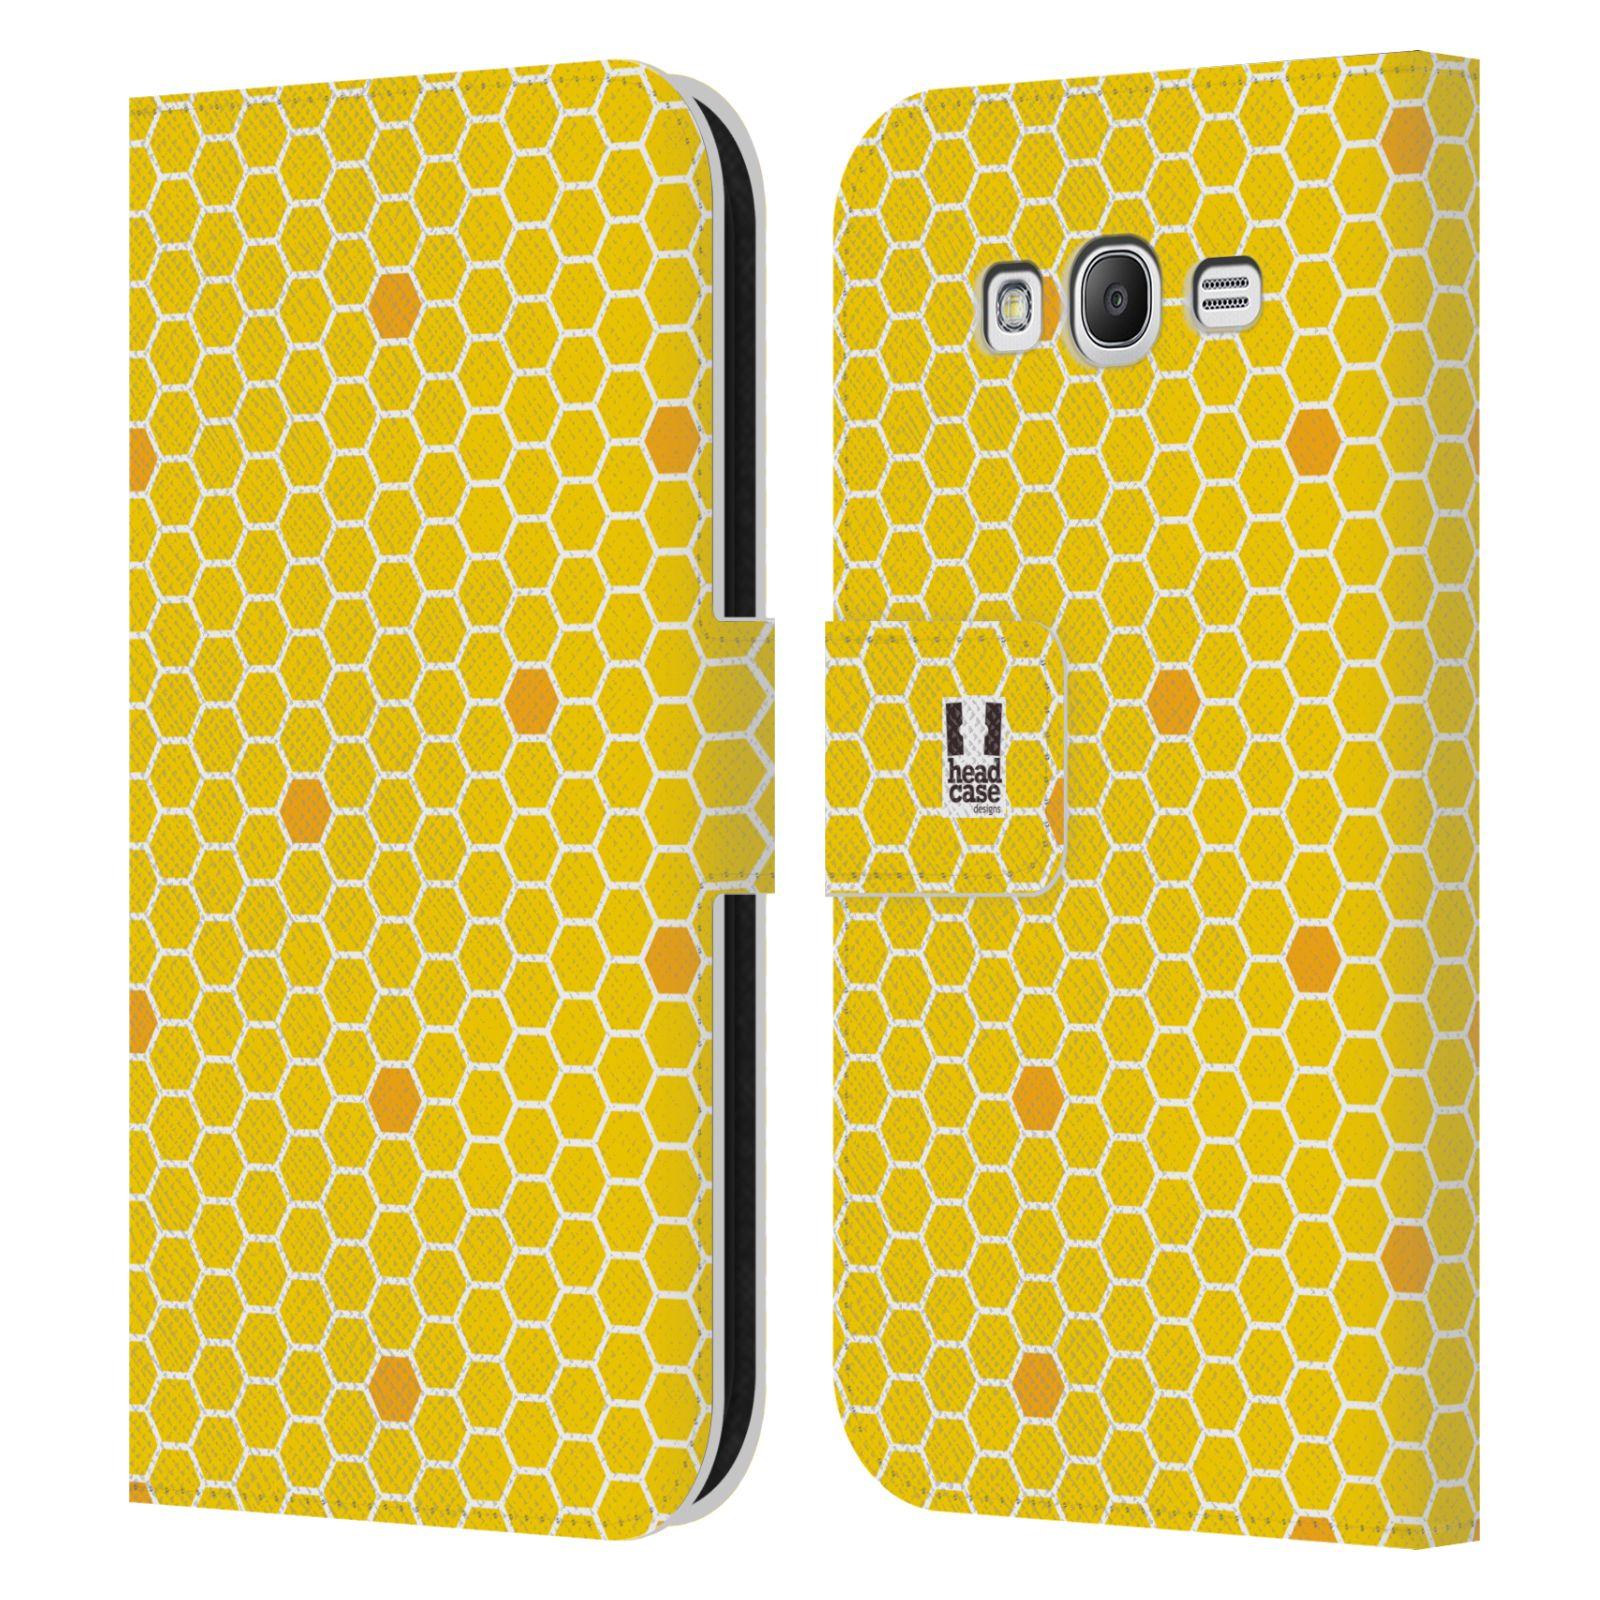 HEAD CASE Flipové pouzdro pro mobil Samsung Galaxy Grand i9080 VČELÍ VZOR plástev žlutá